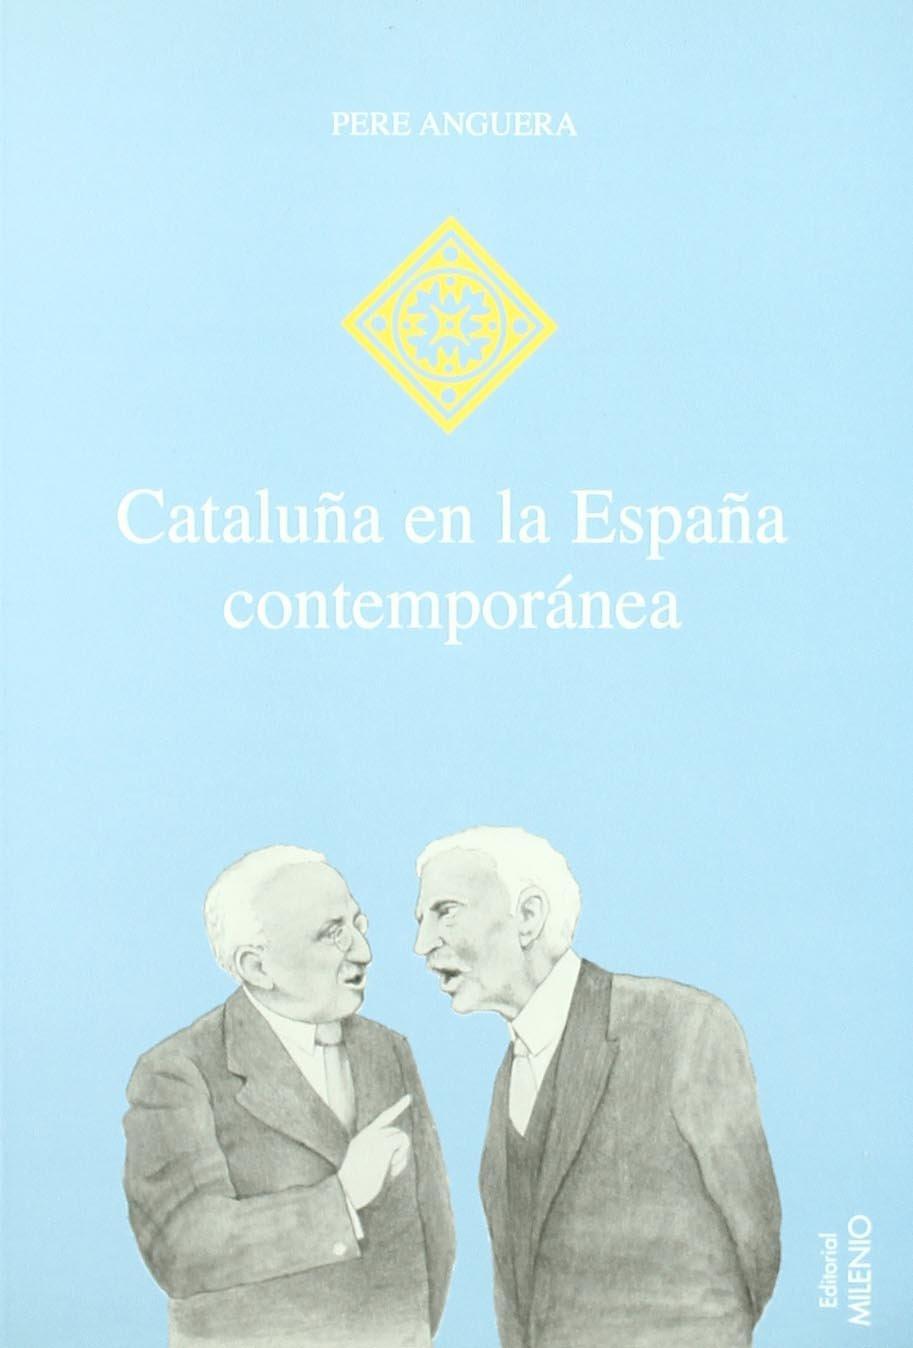 Cataluña en la España contemporánea (Hispania): Amazon.es: Anguera, Pere, Lladonosa, Manuel, Fernández, Roberto: Libros